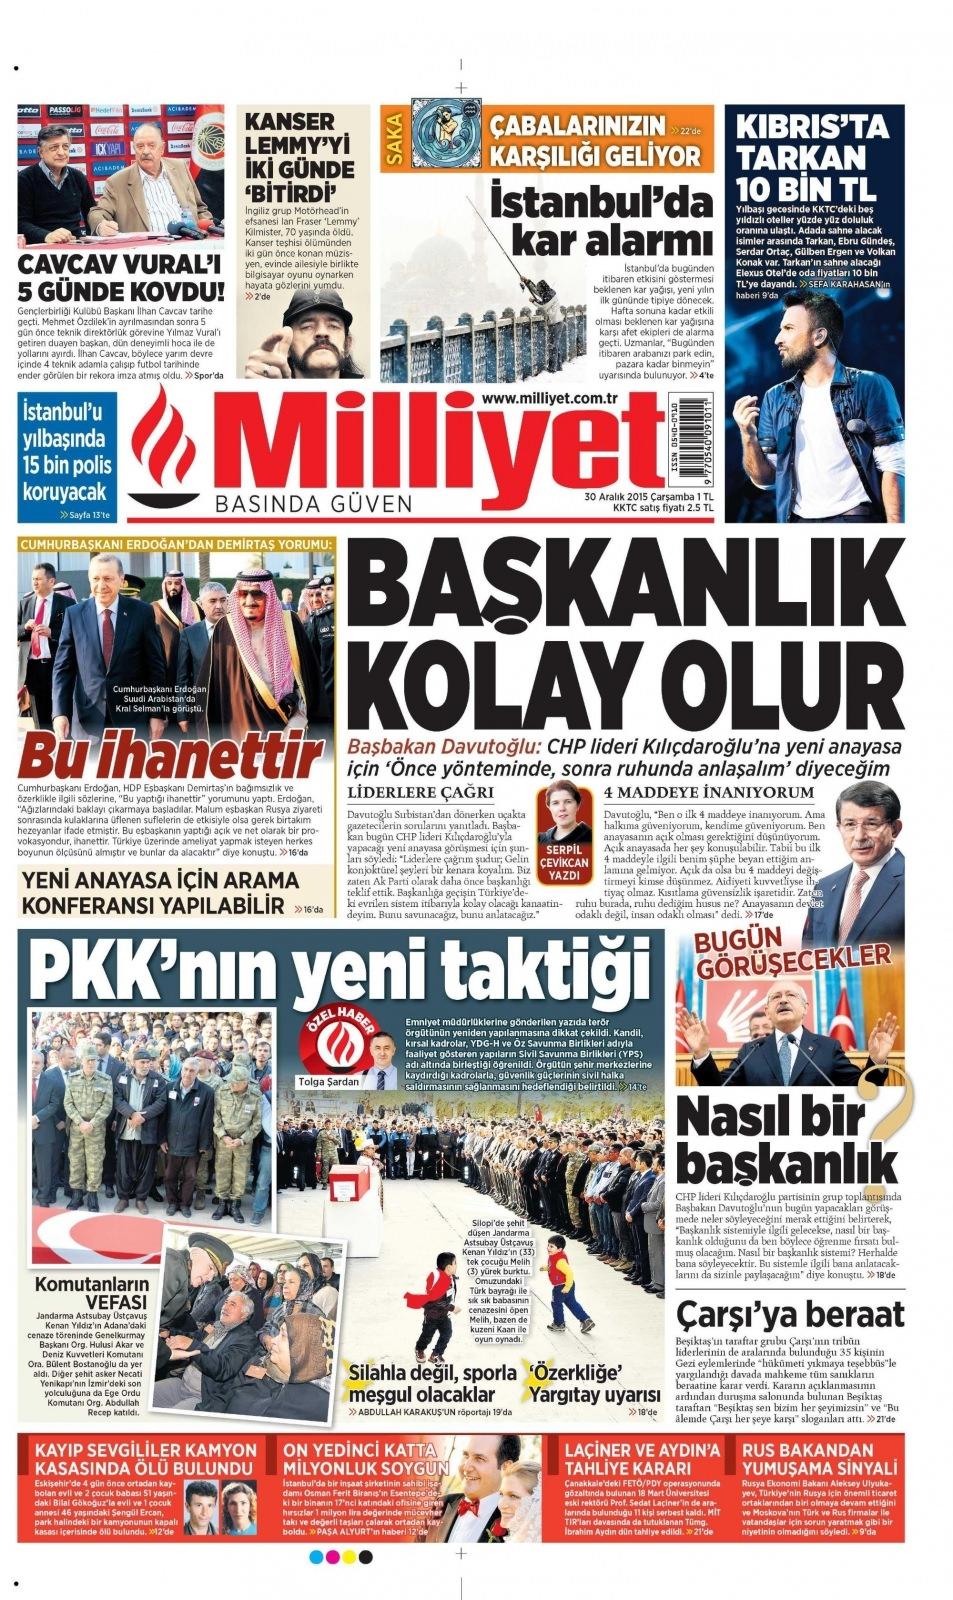 30 Aralık 2015 gazete manşetleri 19